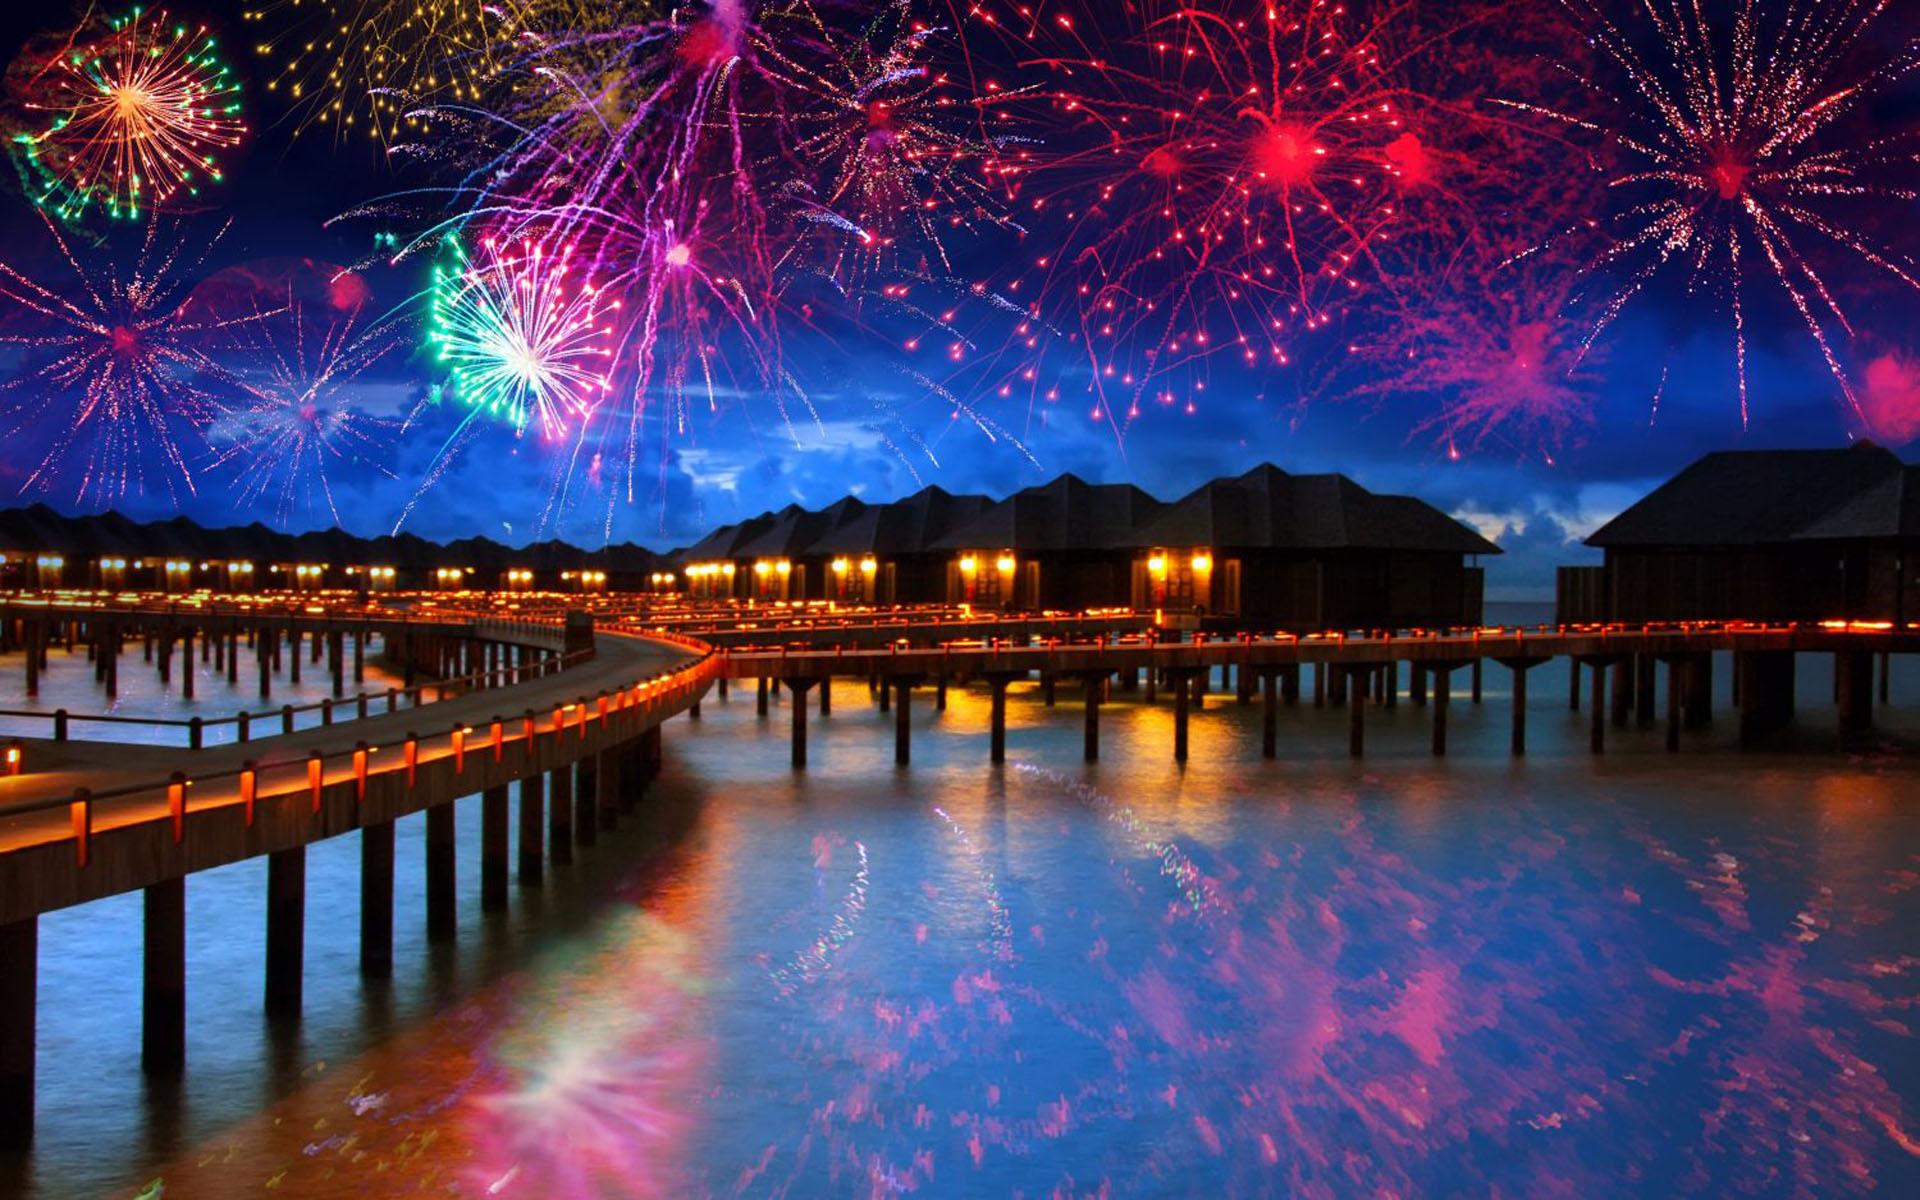 НГ на мальдивских островах